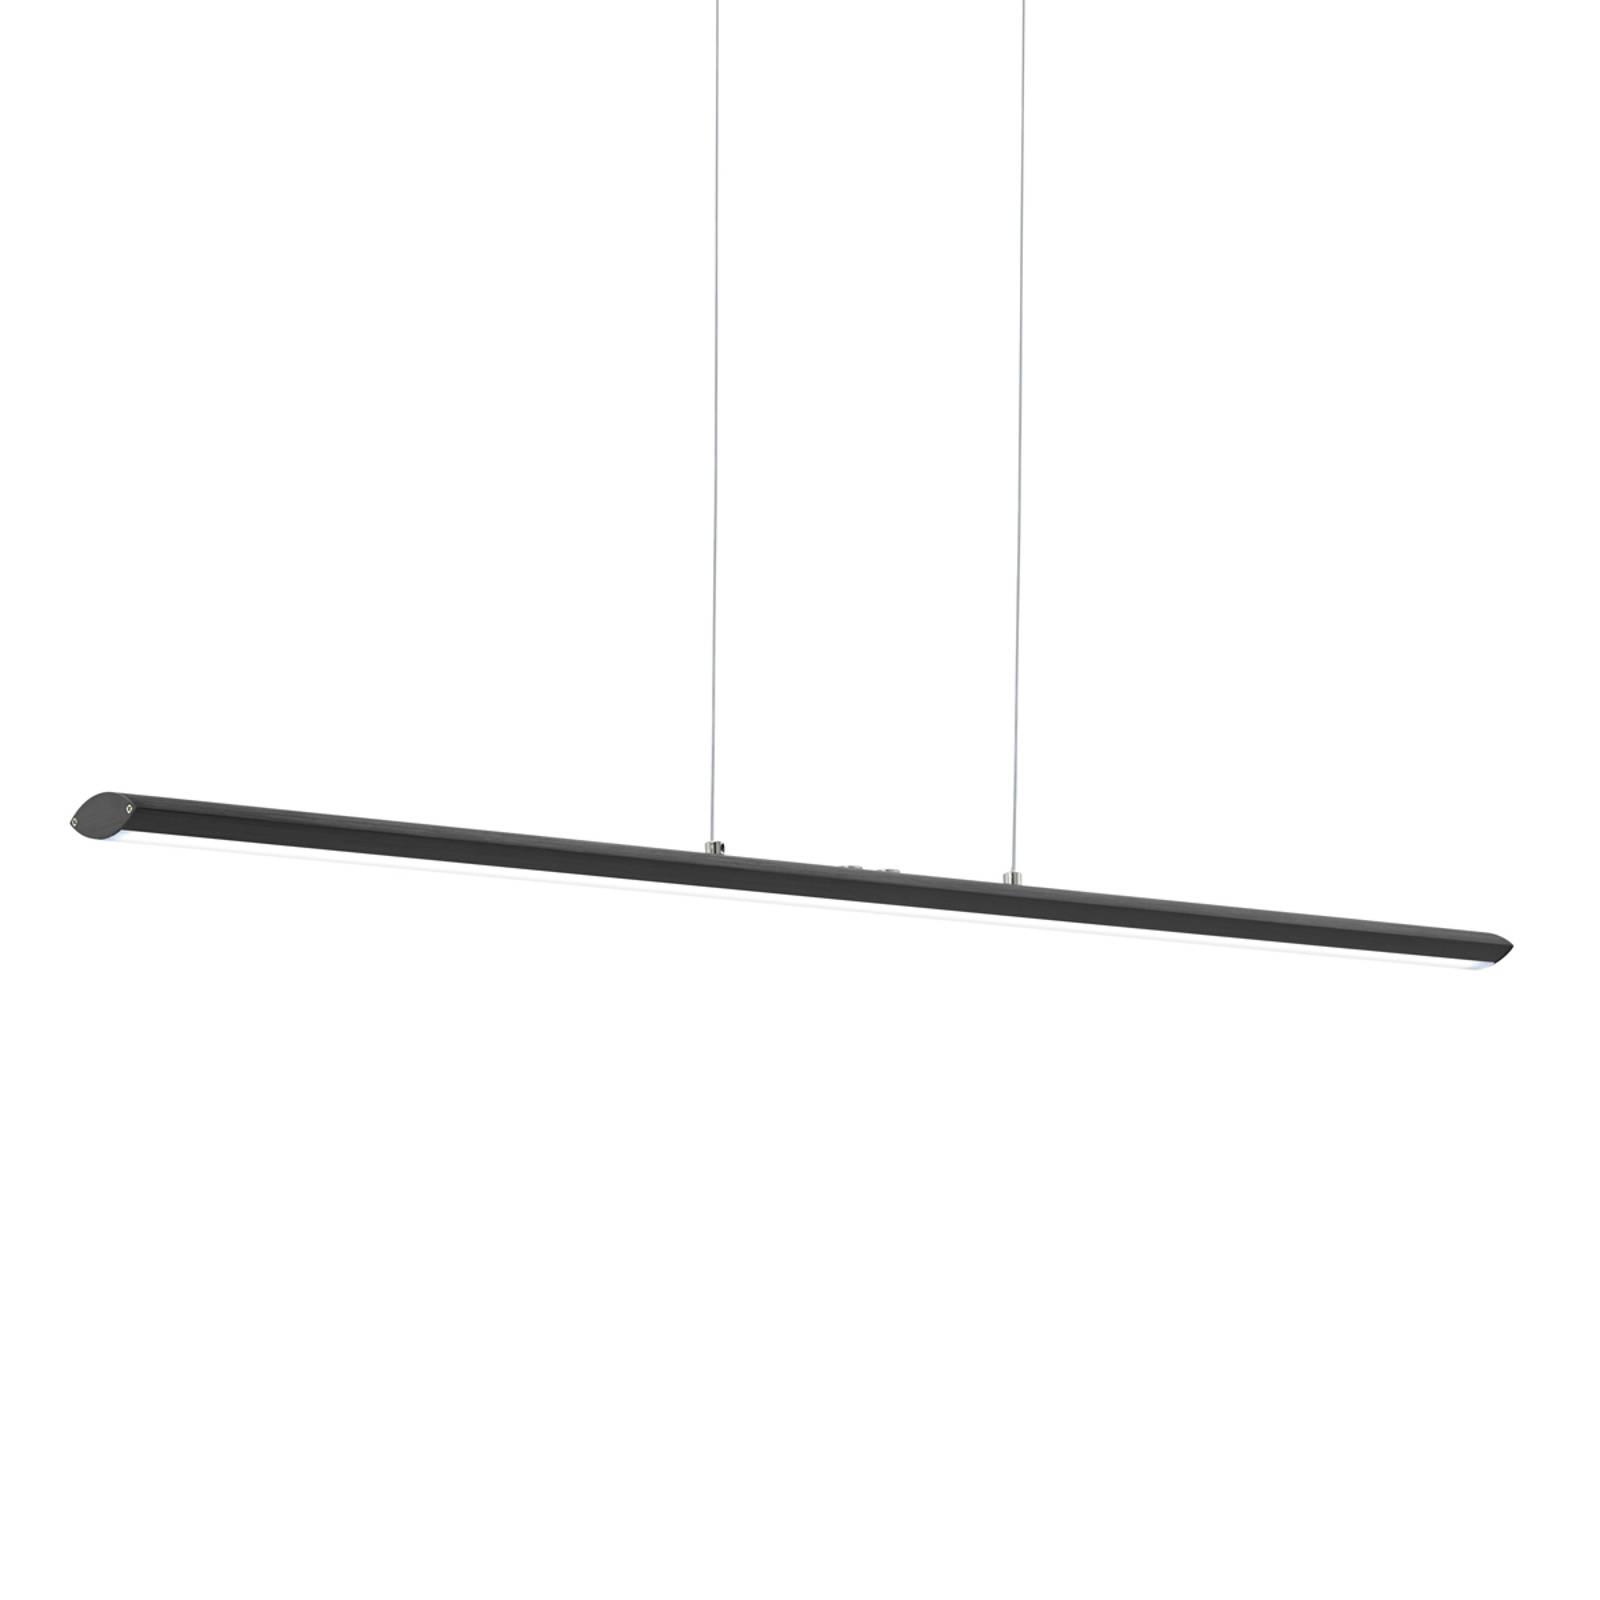 Schwarze LED-Hängeleuchte Pellaro, dimmbar